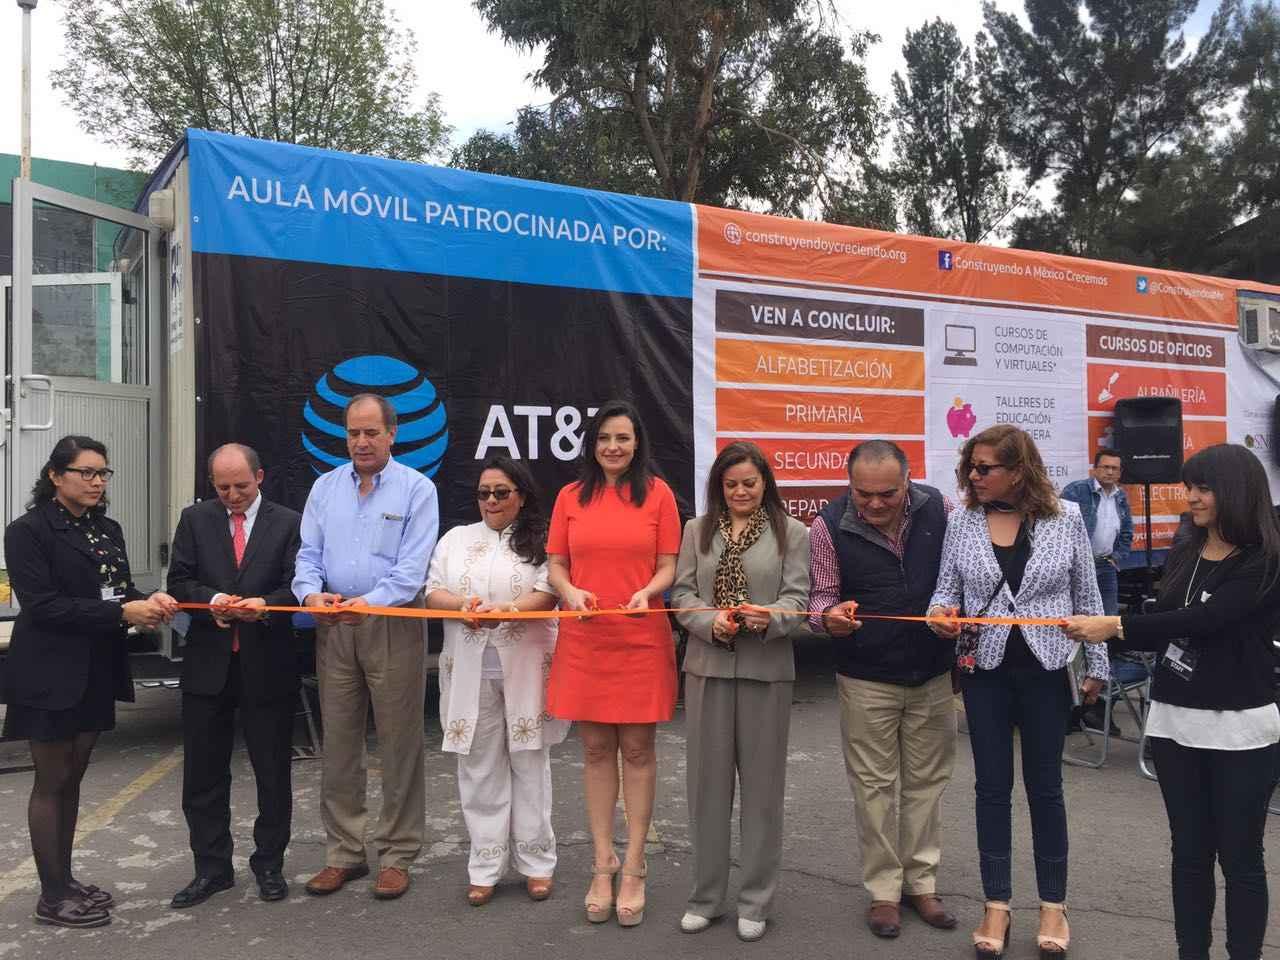 Construyendo a México Crecemos y AT&T inauguran Aula Móvil en Edomex